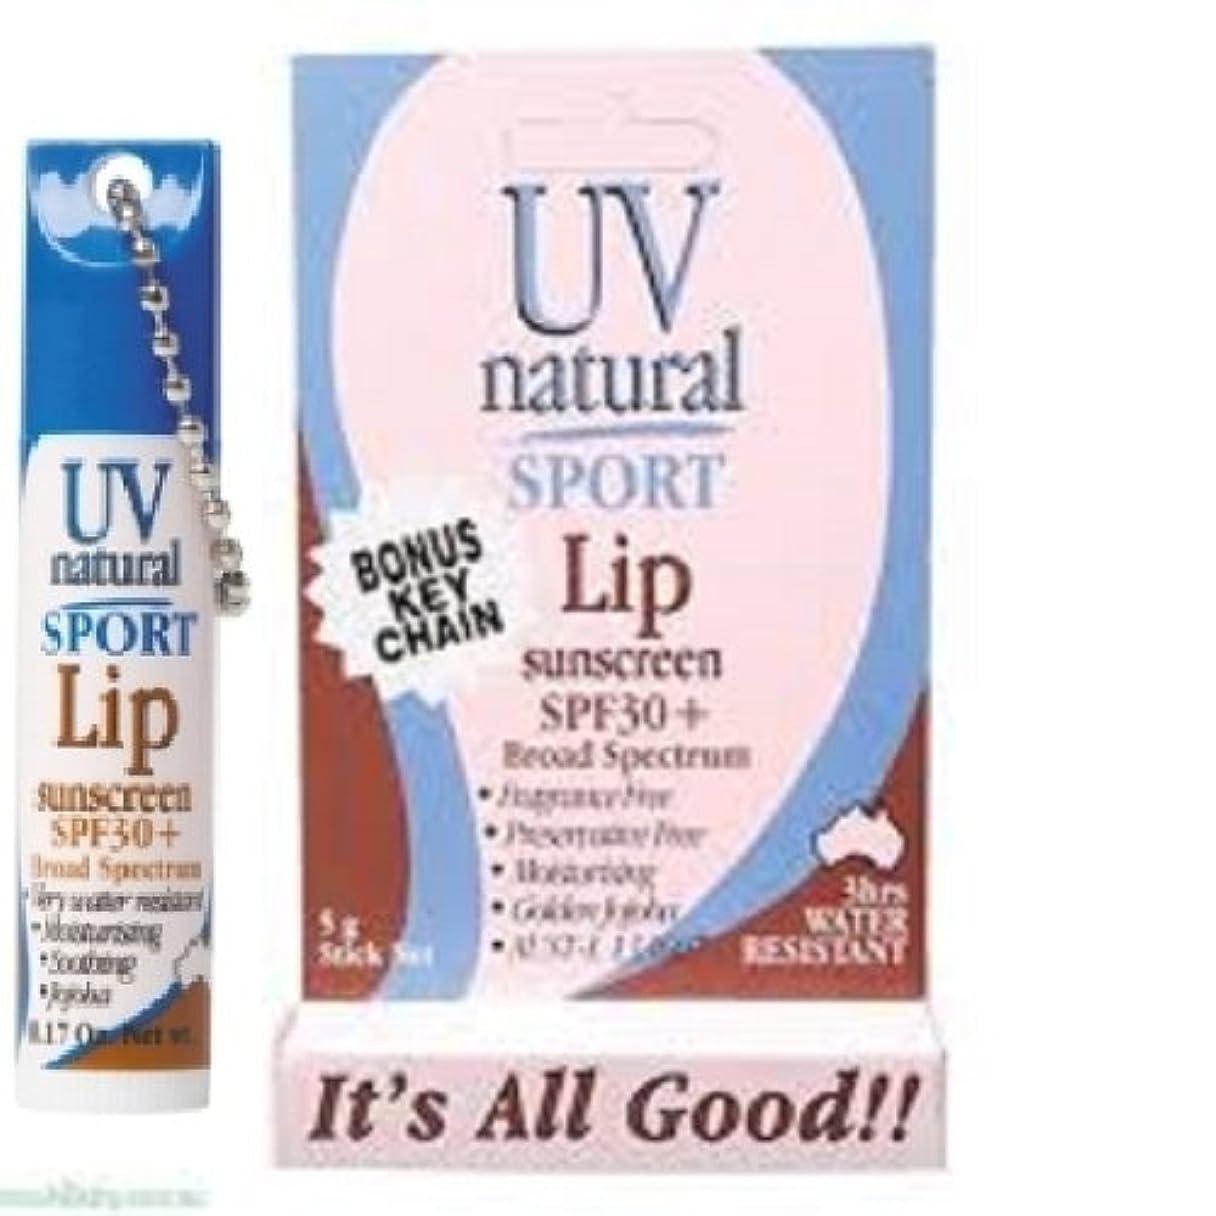 プライバシー傑作支給【UV NATURAL】Lip Sunscreen 日焼け止め Sport SPF30+ 5g 3本セット